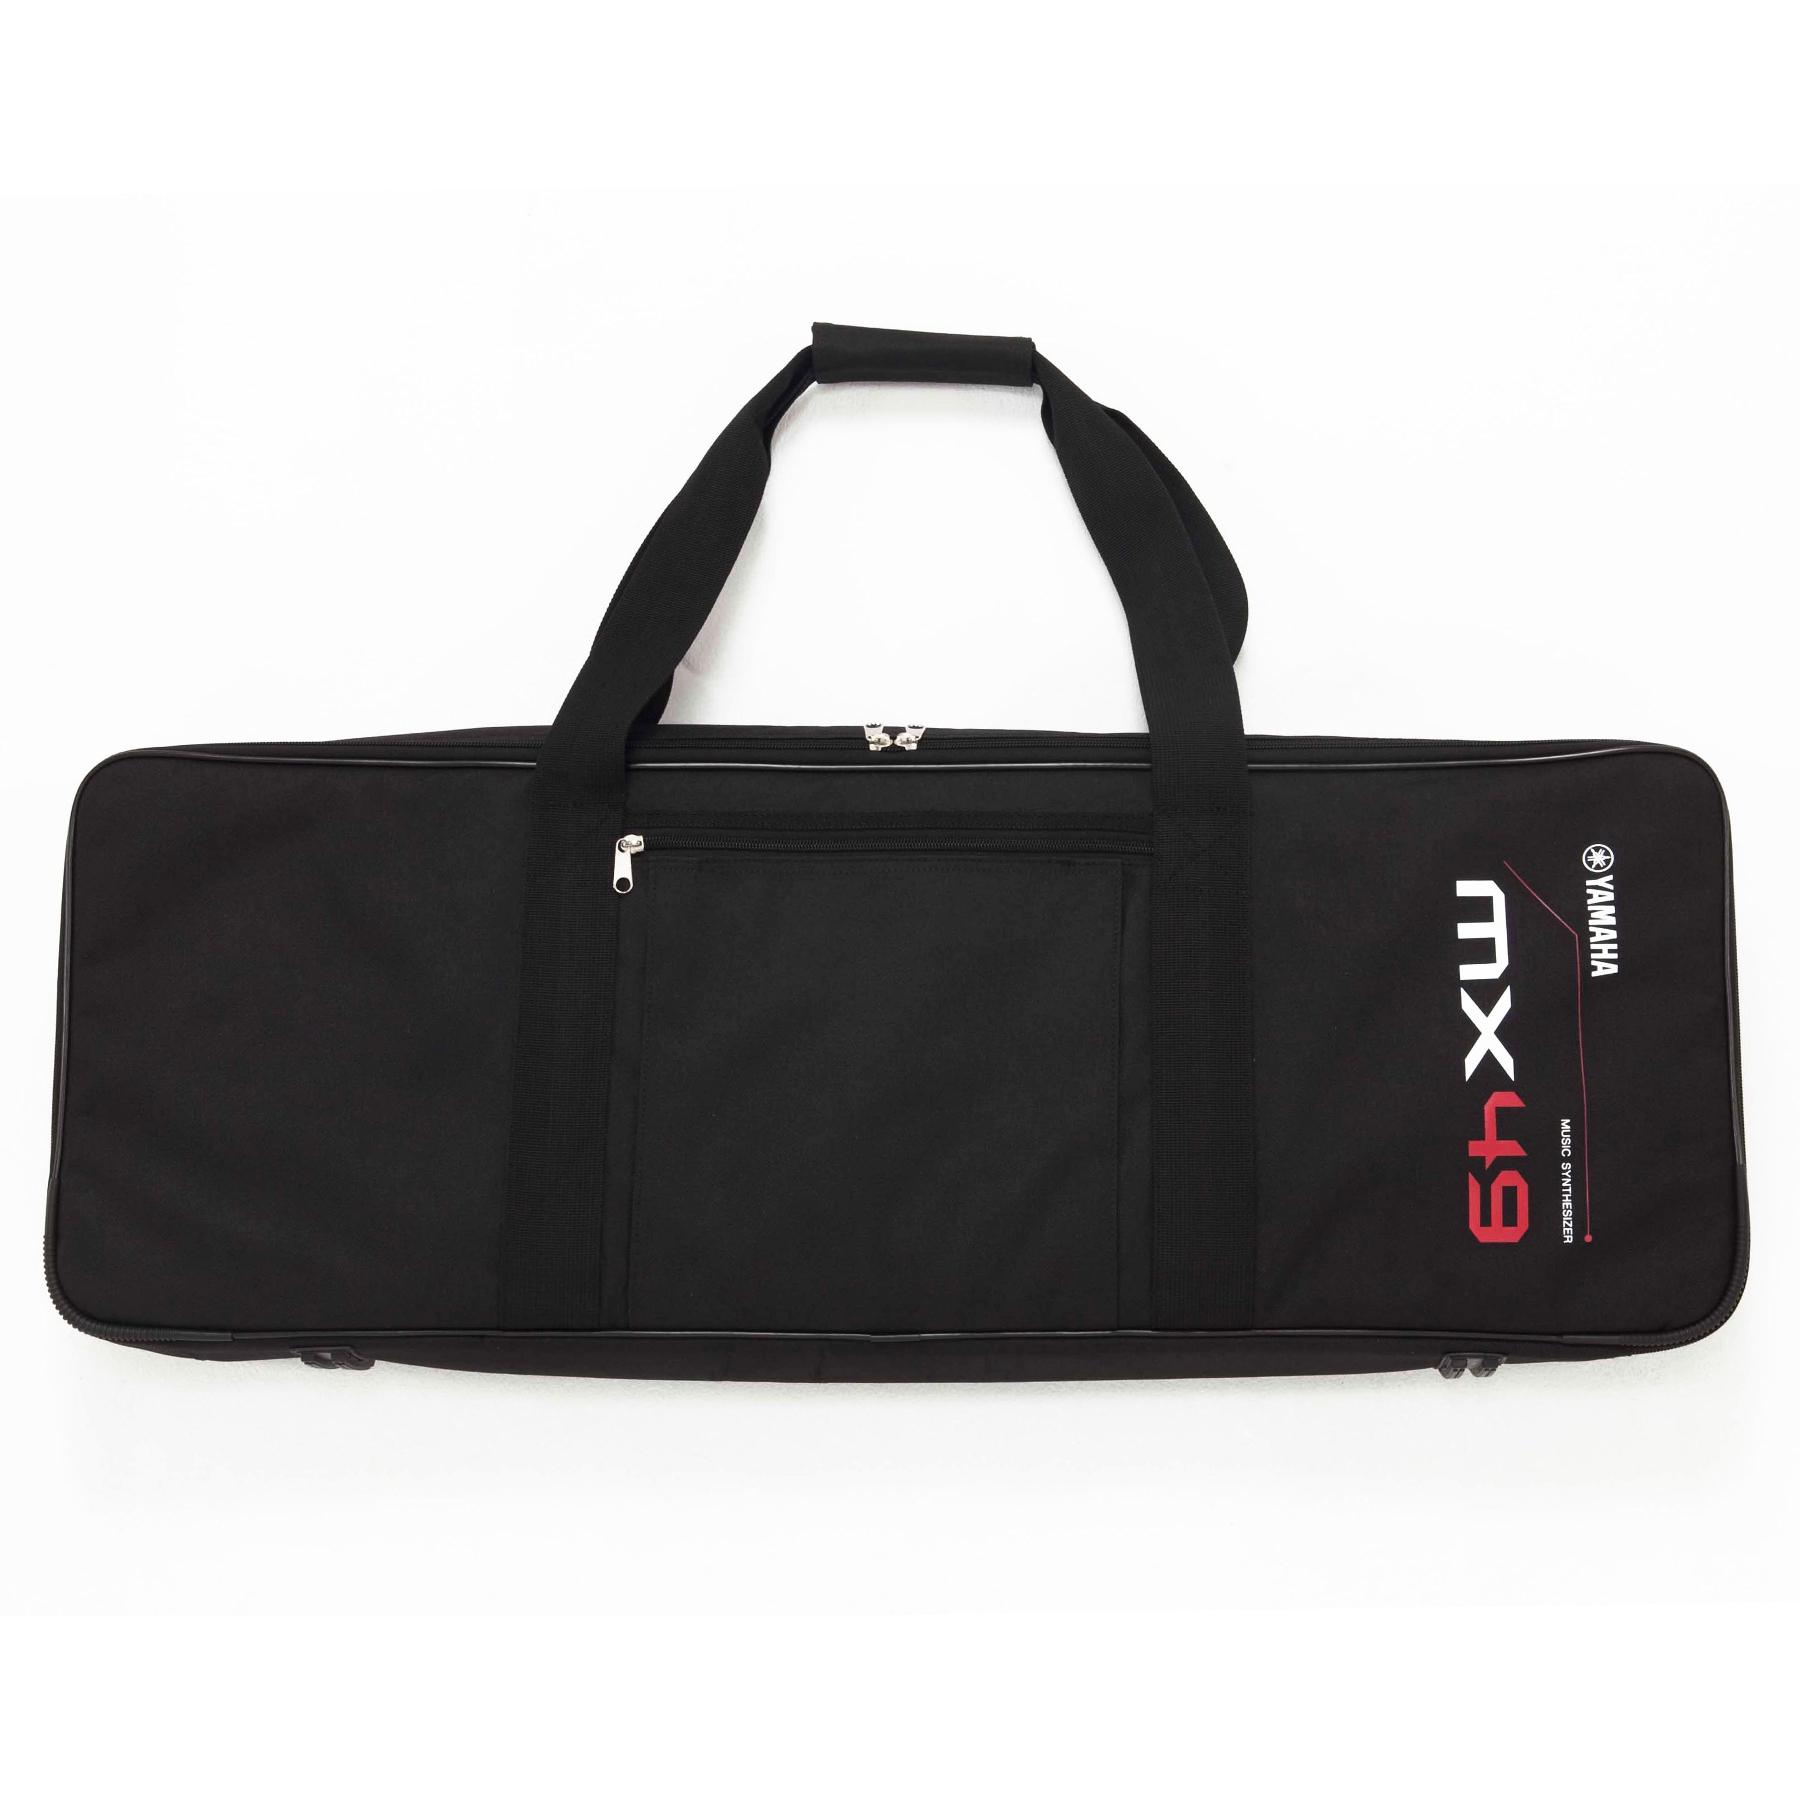 Black Keyboard Gig Bag with Shoulder Strap